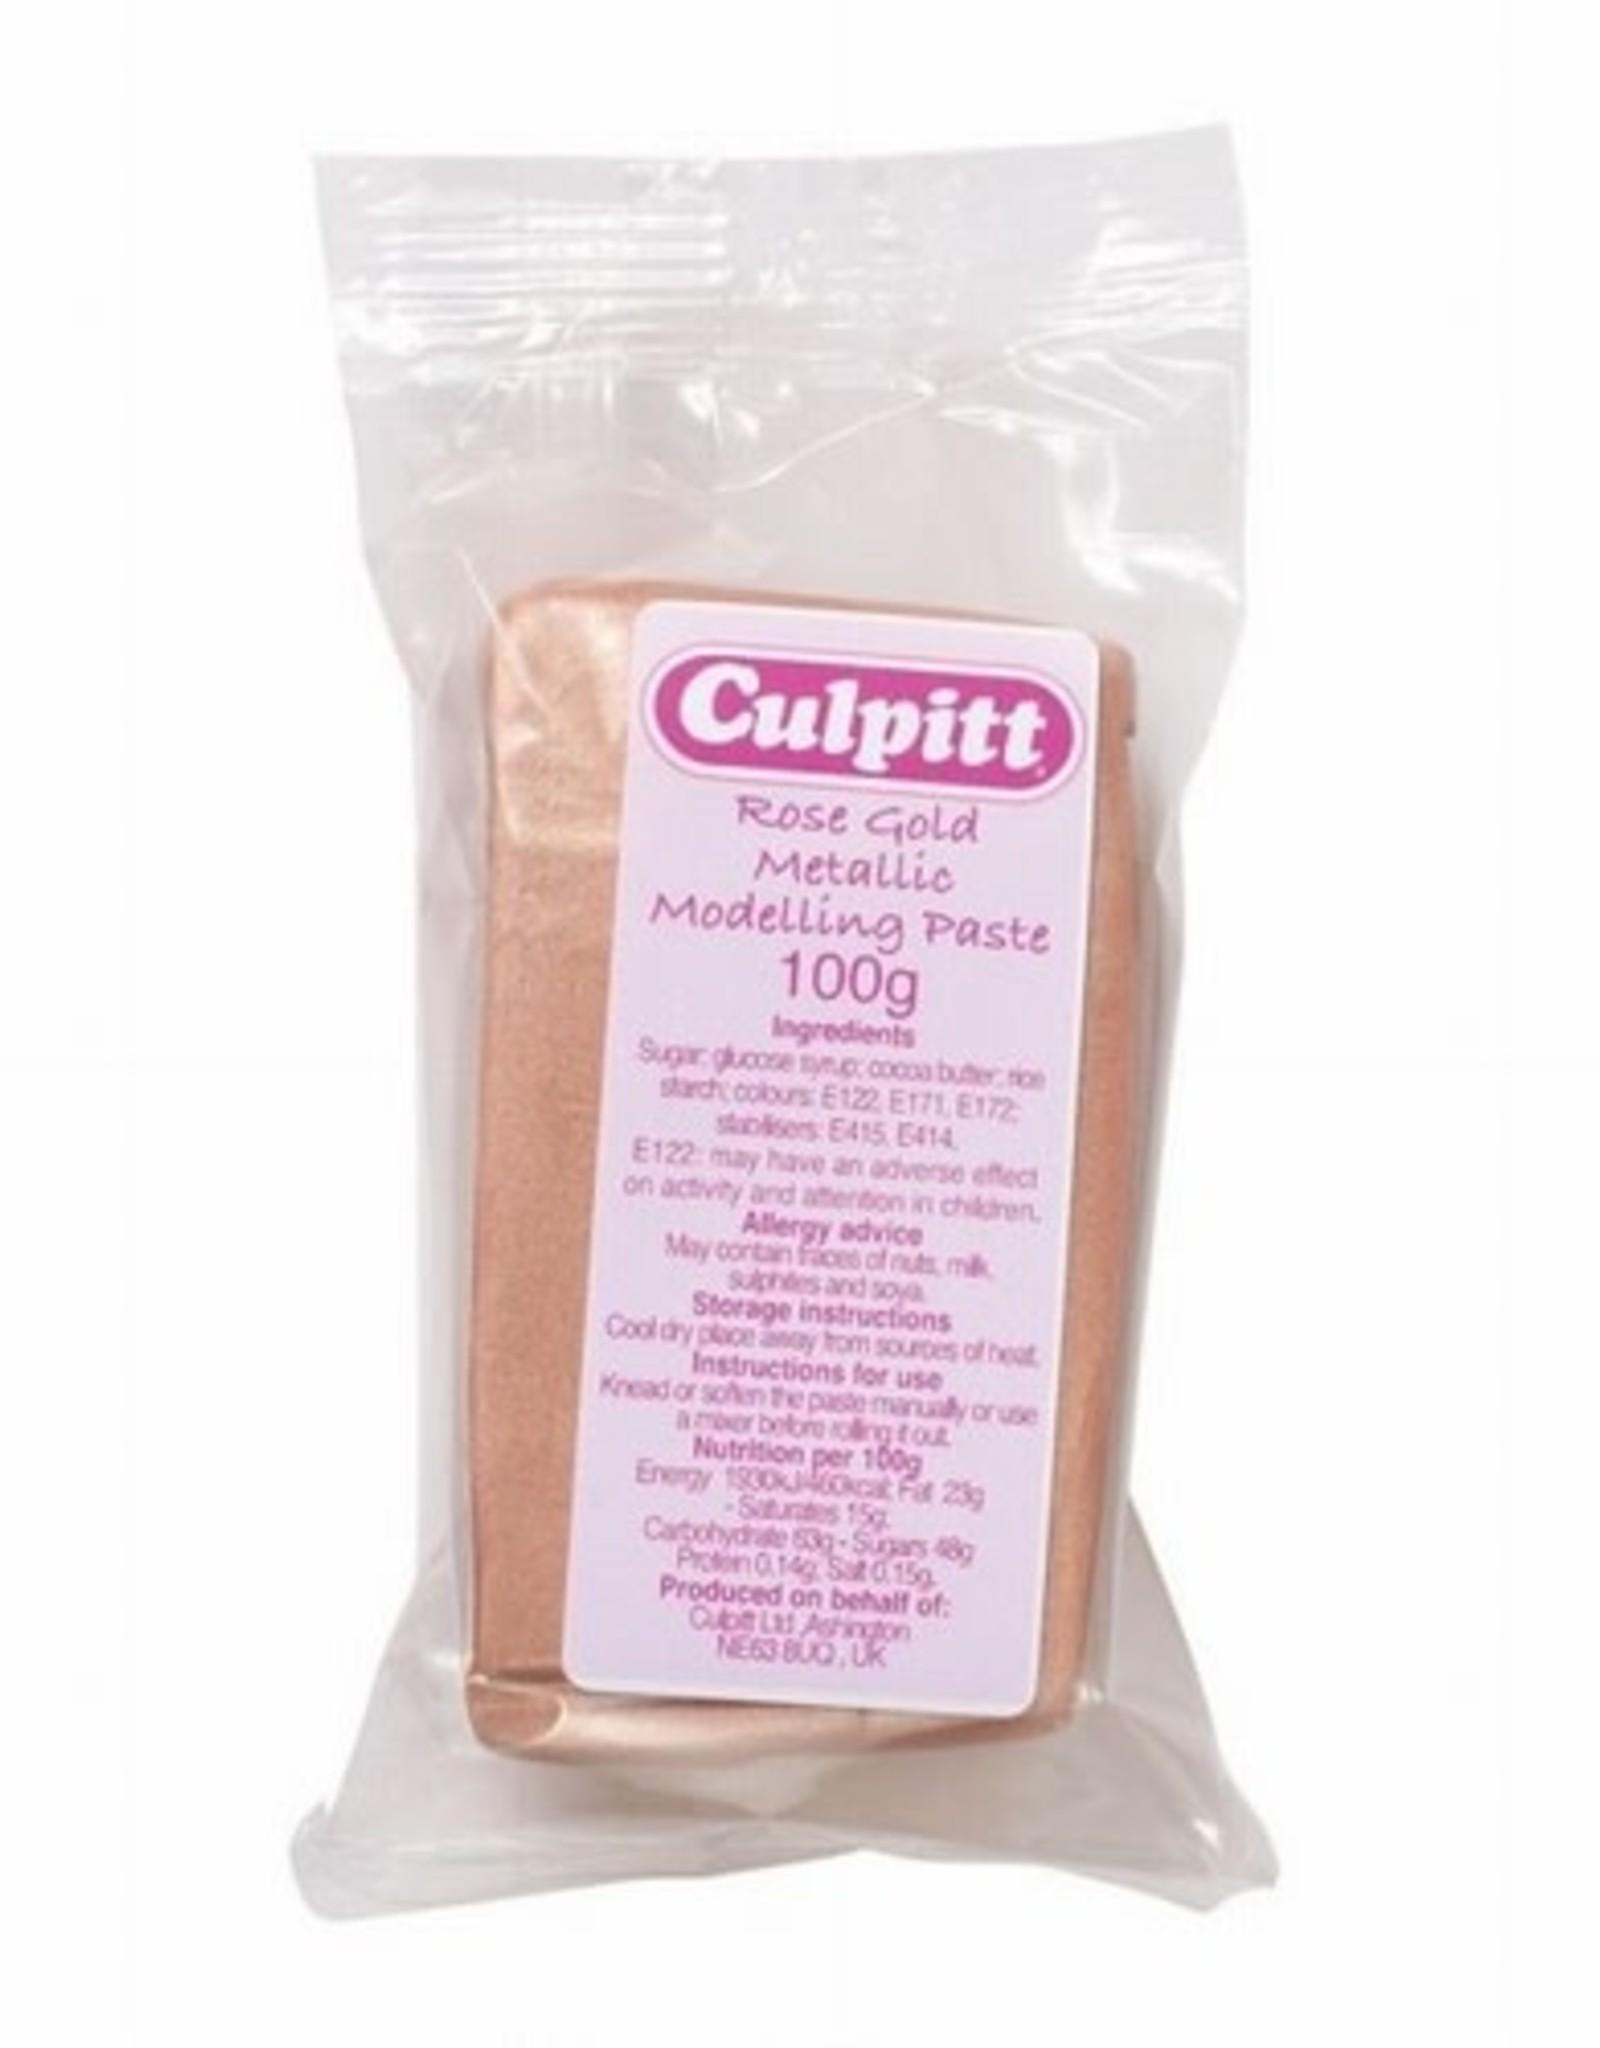 Culpitt Culpitt Modelling Paste Metallic - Rose Gold -100g-